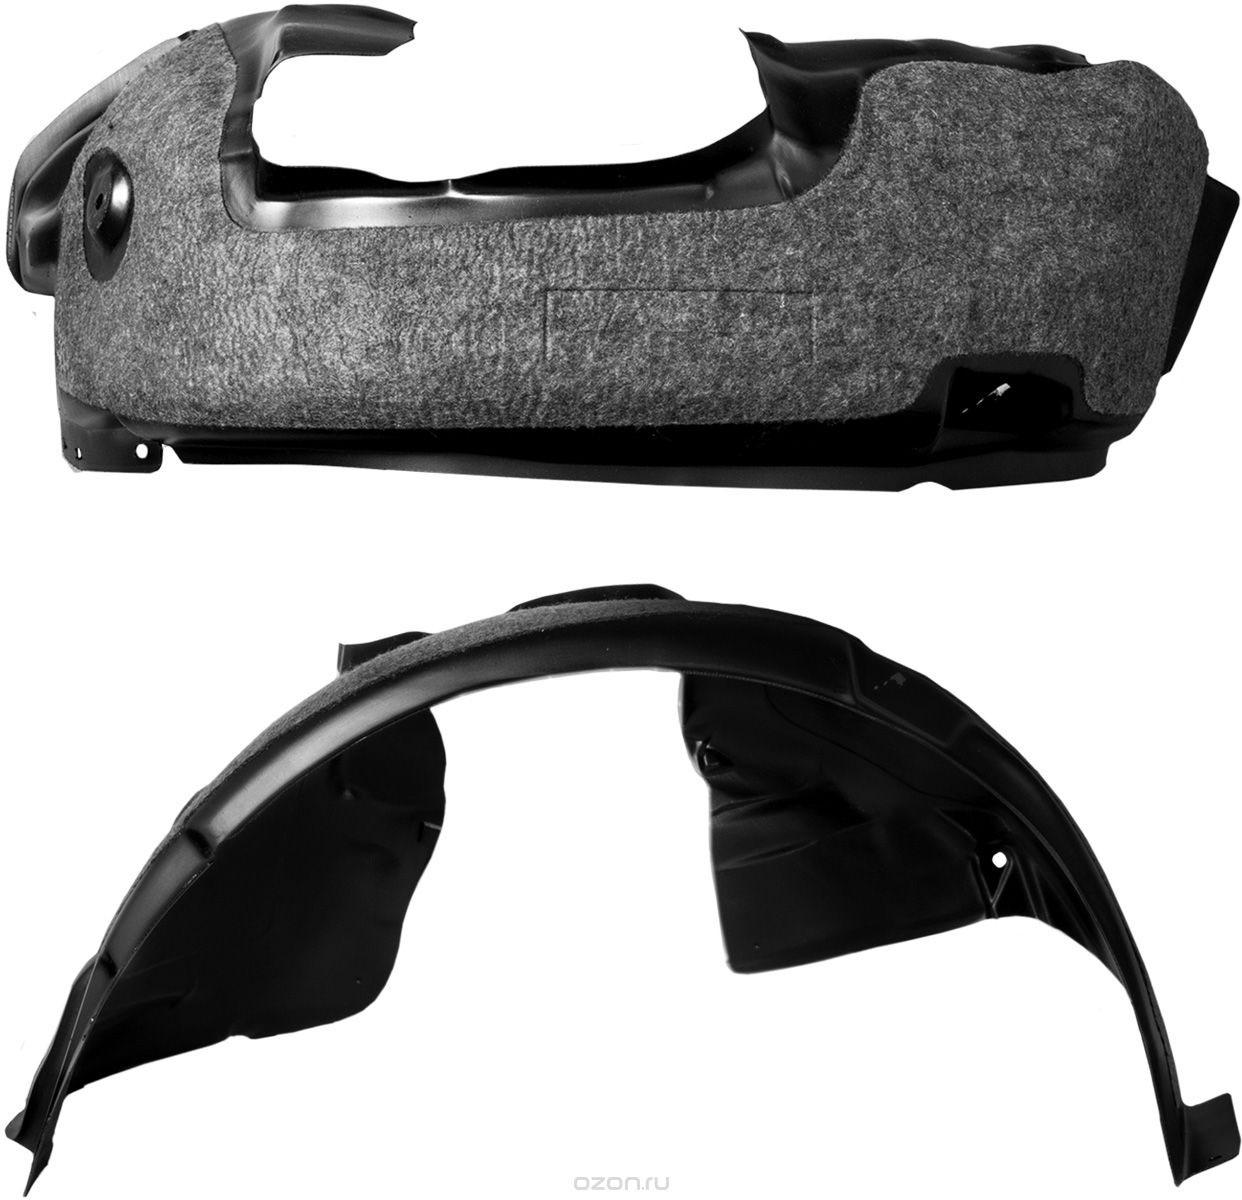 Подкрылок Novline-Autofamily, с шумоизоляцией, для SKODA Rapid, 2012->, задний левыйNLS.45.07.003Идеальная защита колесной ниши. Локеры разработаны с применением цифровых технологий, гарантируют максимальную повторяемость поверхности арки. Изделия устанавливаются без нарушения лакокрасочного покрытия автомобиля, каждый подкрылок комплектуется крепежом. Уважаемые клиенты, обращаем ваше внимание, что фотографии на подкрылки универсальные и не отражают реальную форму изделия. При этом само изделие идет точно под размер указанного автомобиля.